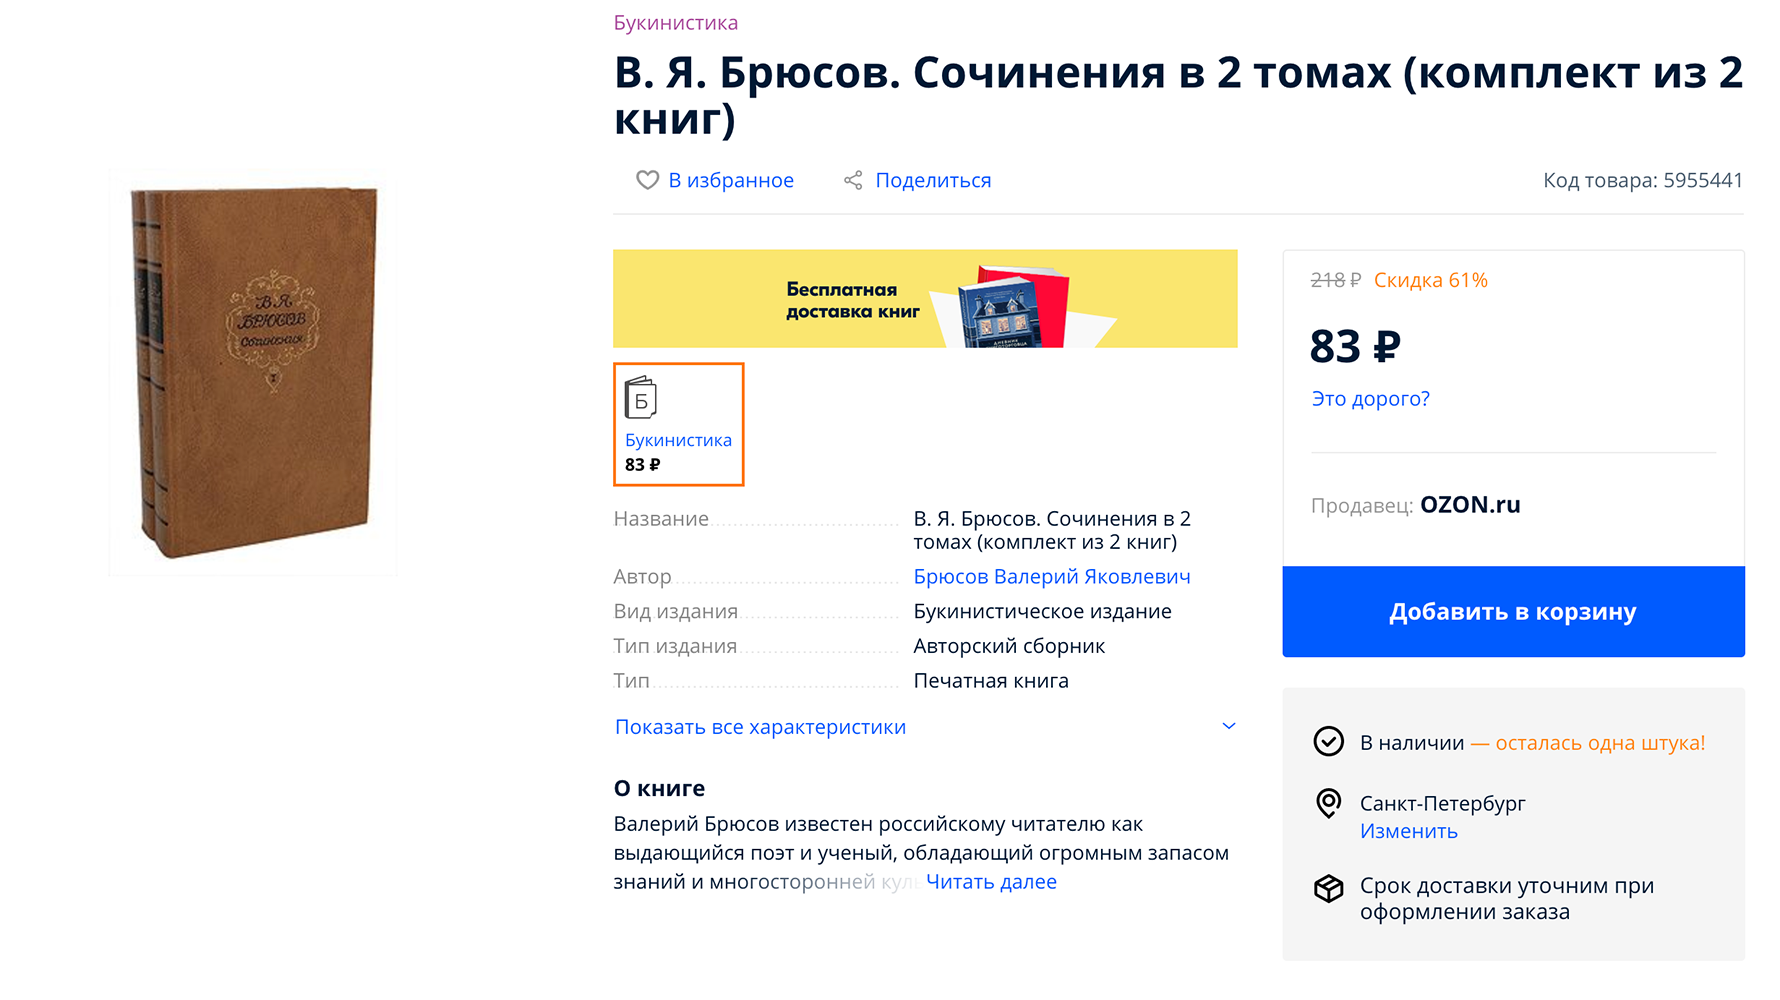 Два тома сочинений Брюсова я купила на «Авито» за 100<span class=ruble>Р</span> каждый. Книги в идеальном состоянии — кажется, их даже никто не открывал. Немного расстраивает, что на «Озоне» такие же продают в 2,5 раза дешевле — надо было сначала поискать в интернете